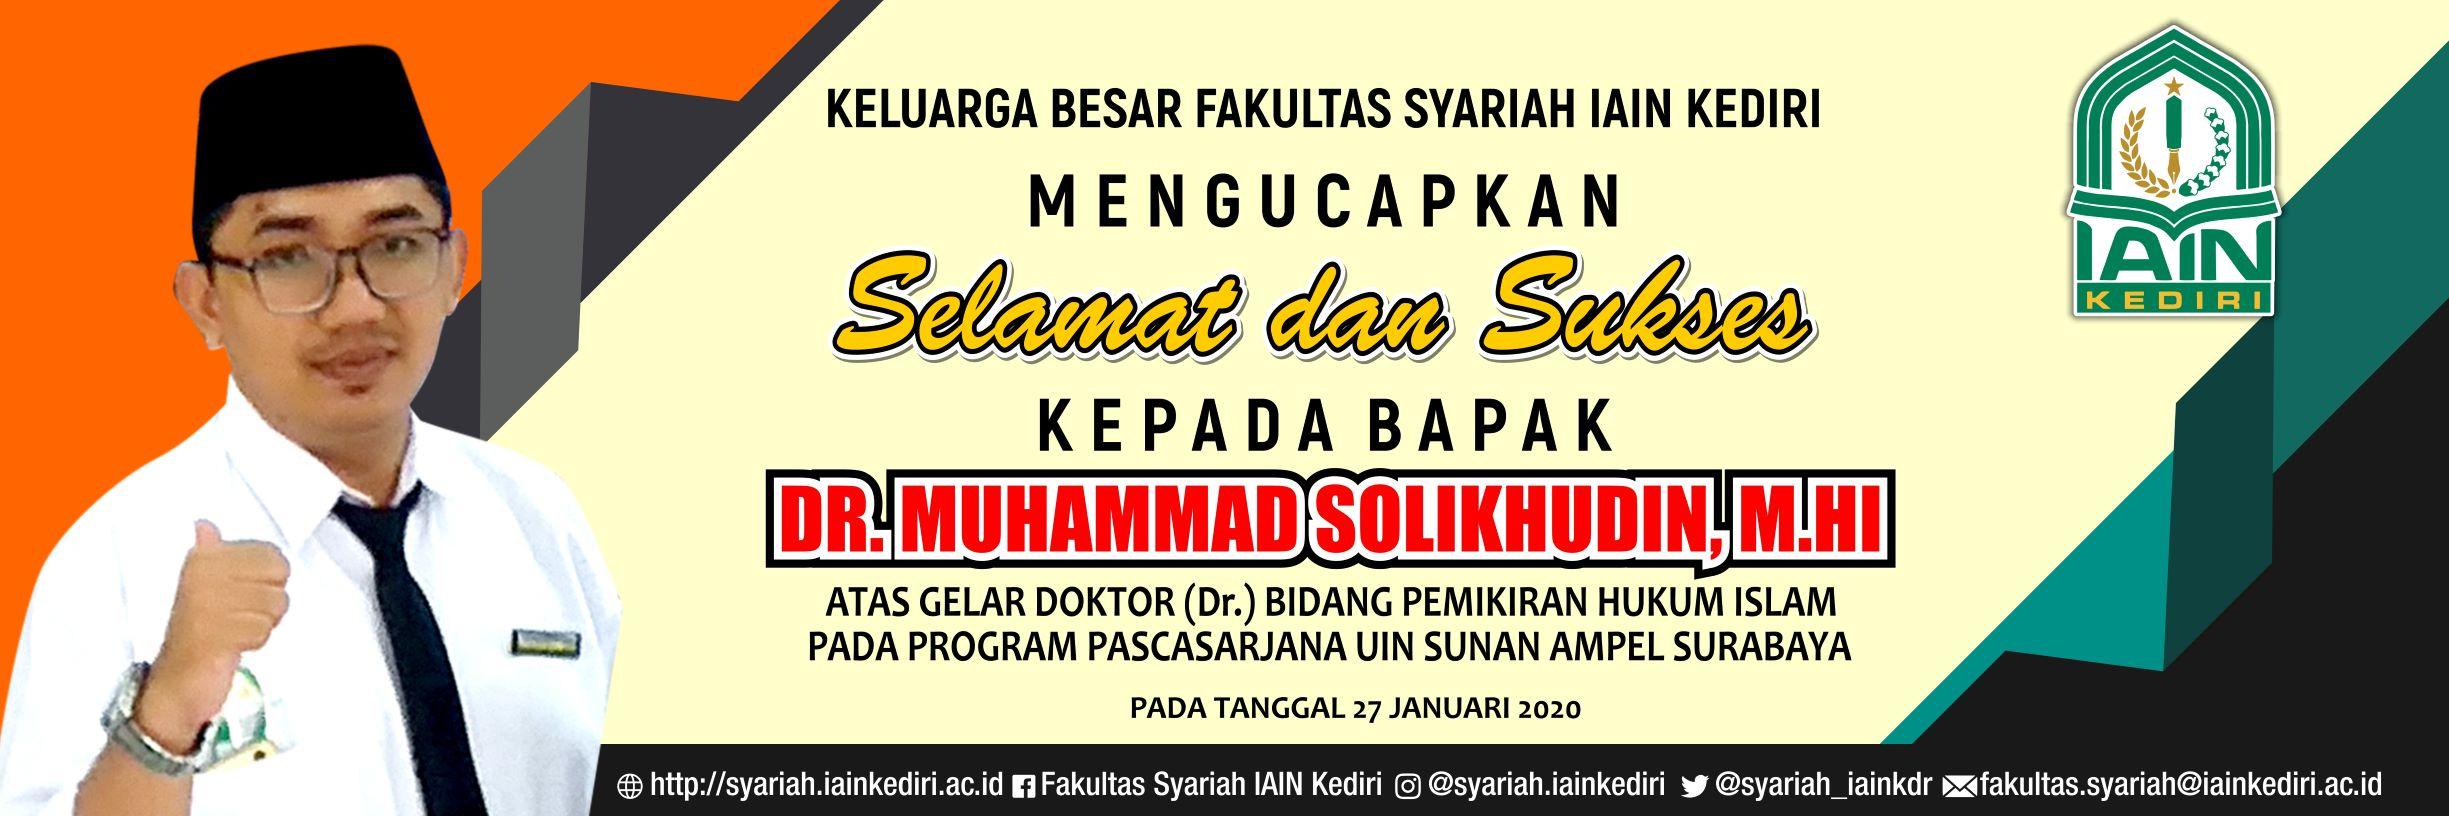 Selamat Dan Sukses Atas Gelar Doktor Bapak Dr. Muhamad Solikhudin, M.HI